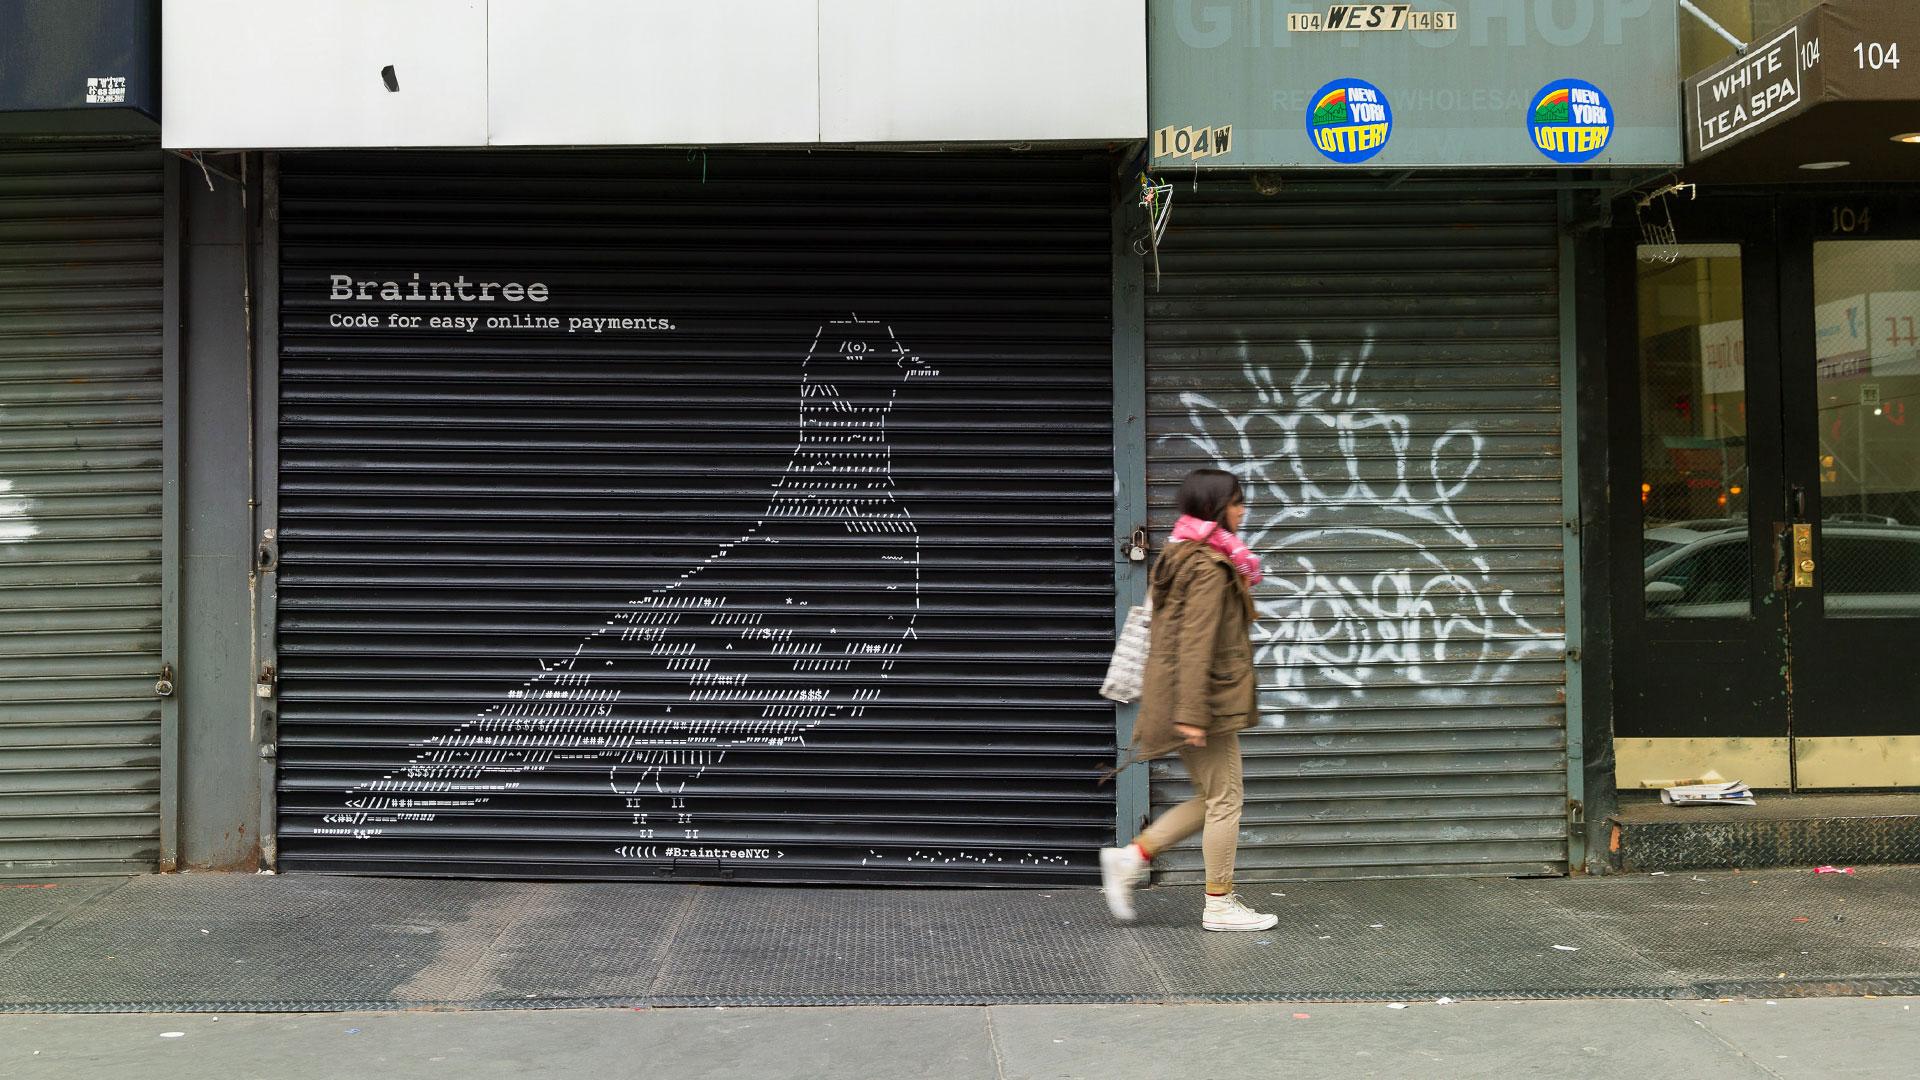 BT_murals_0001_pigeon.jpg